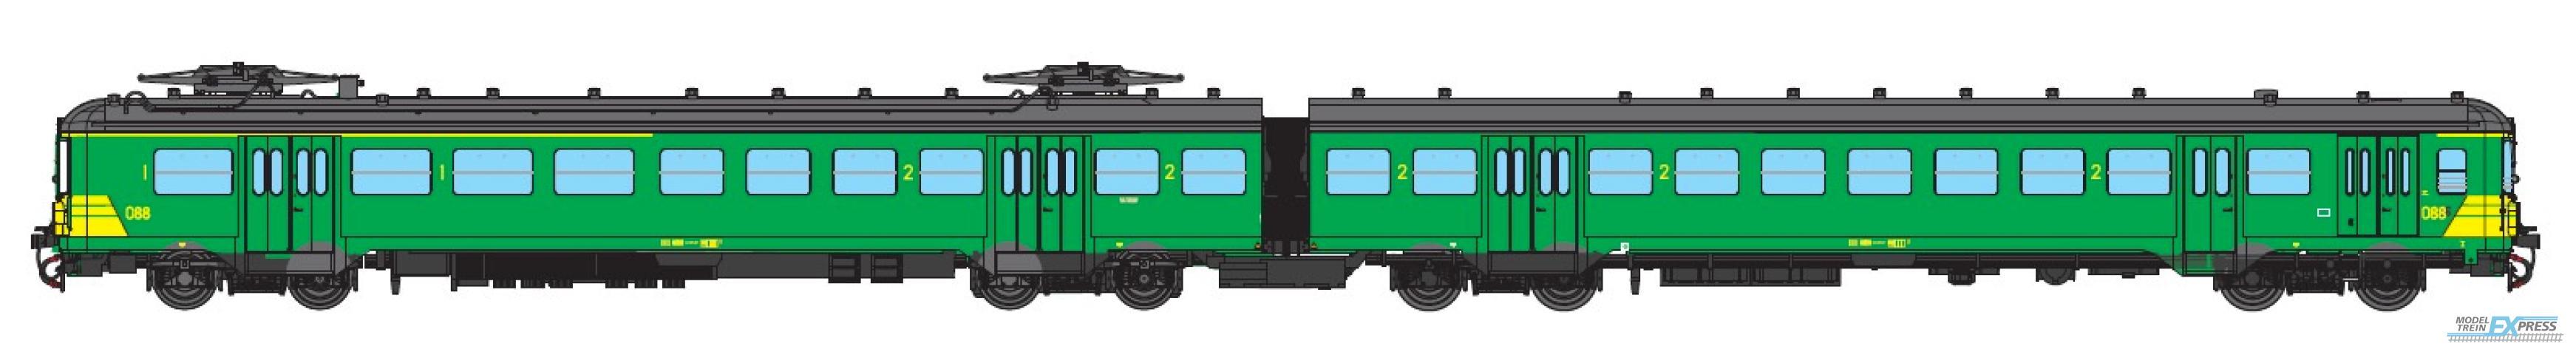 B-Models 7003.02